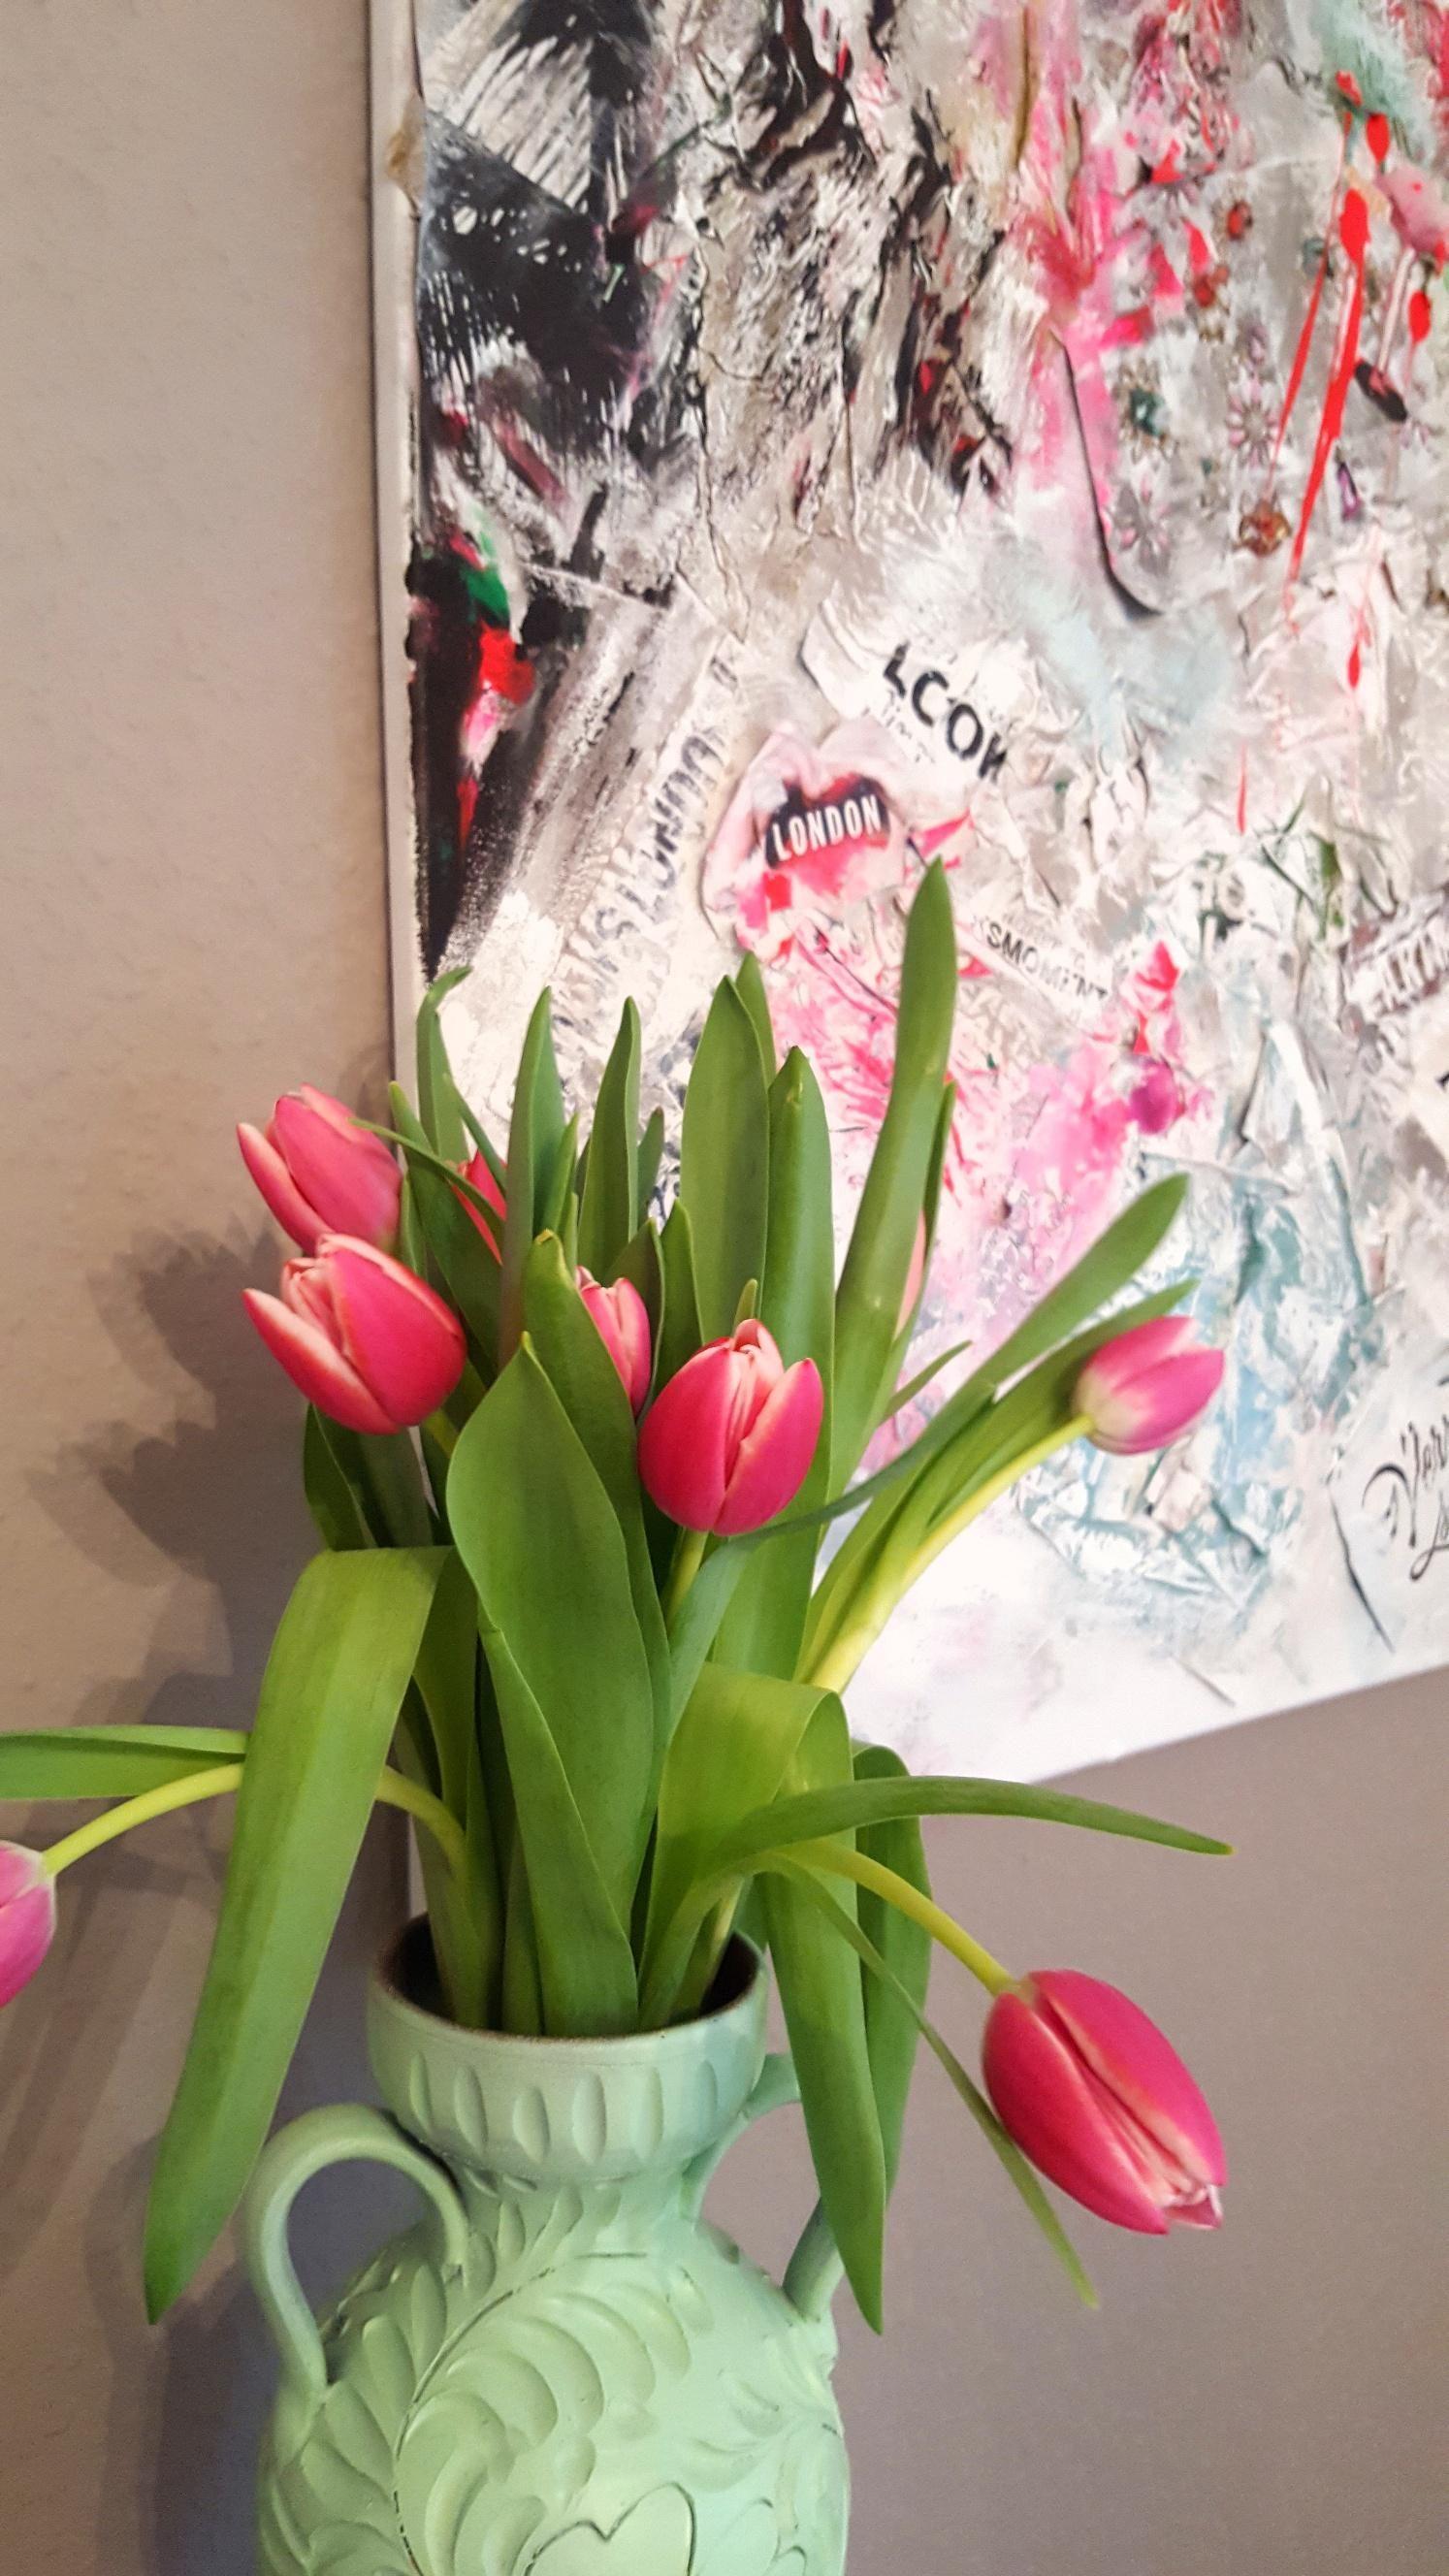 Fantastisch Blumen Und Lebensmittelfarbe Ideen - Malvorlagen-Ideen ...